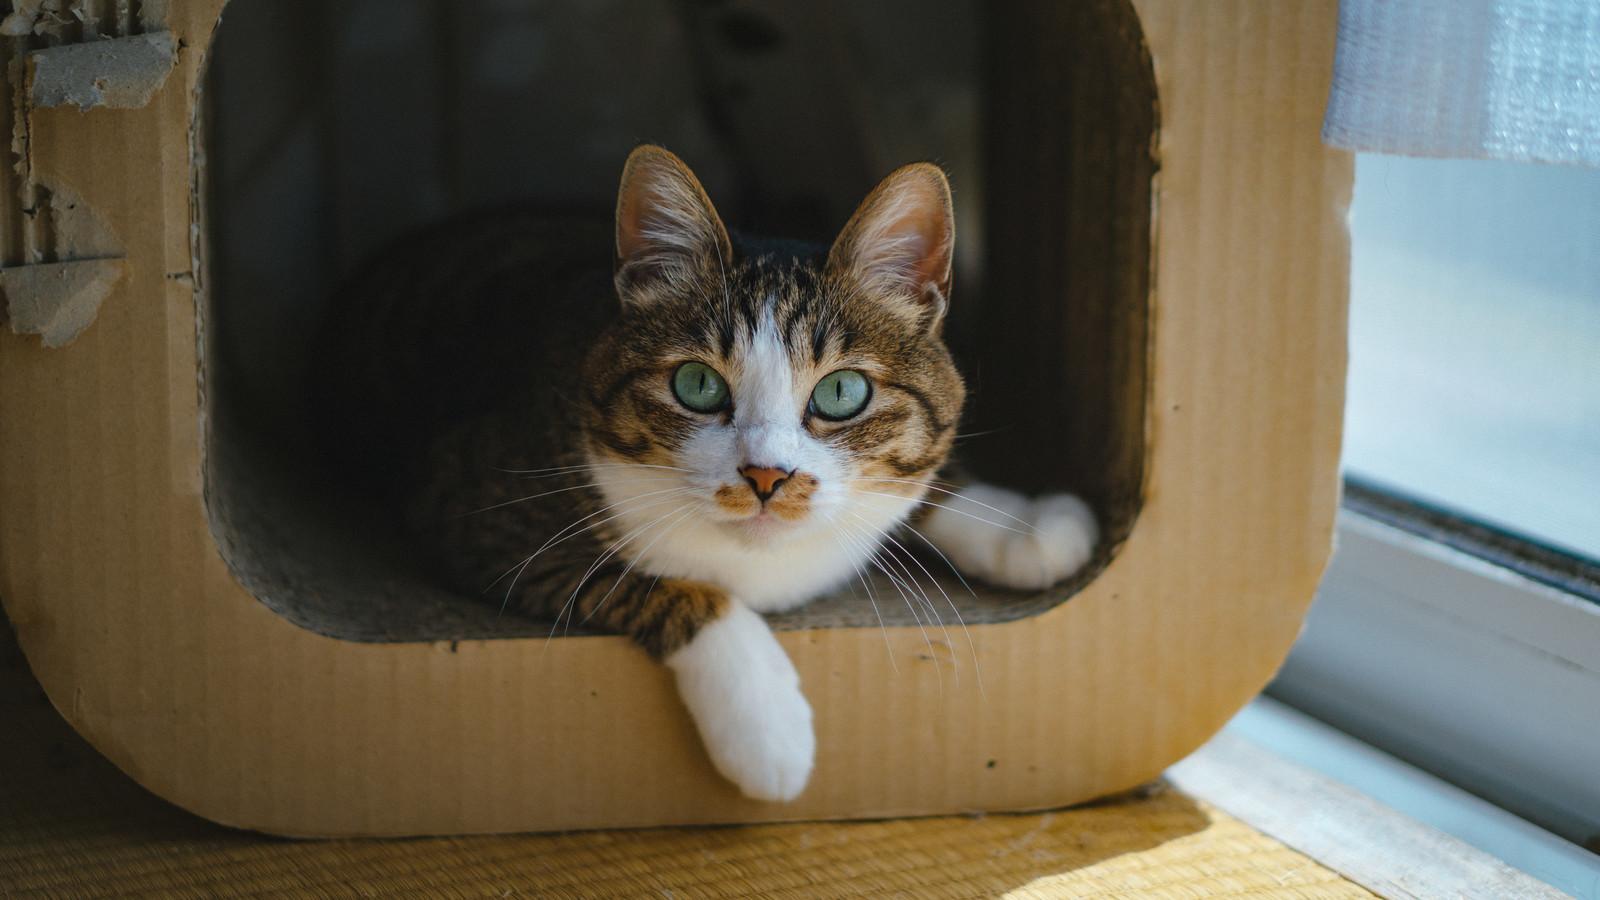 猫を救出したい場合はレスキューを呼ぼう!その条件について